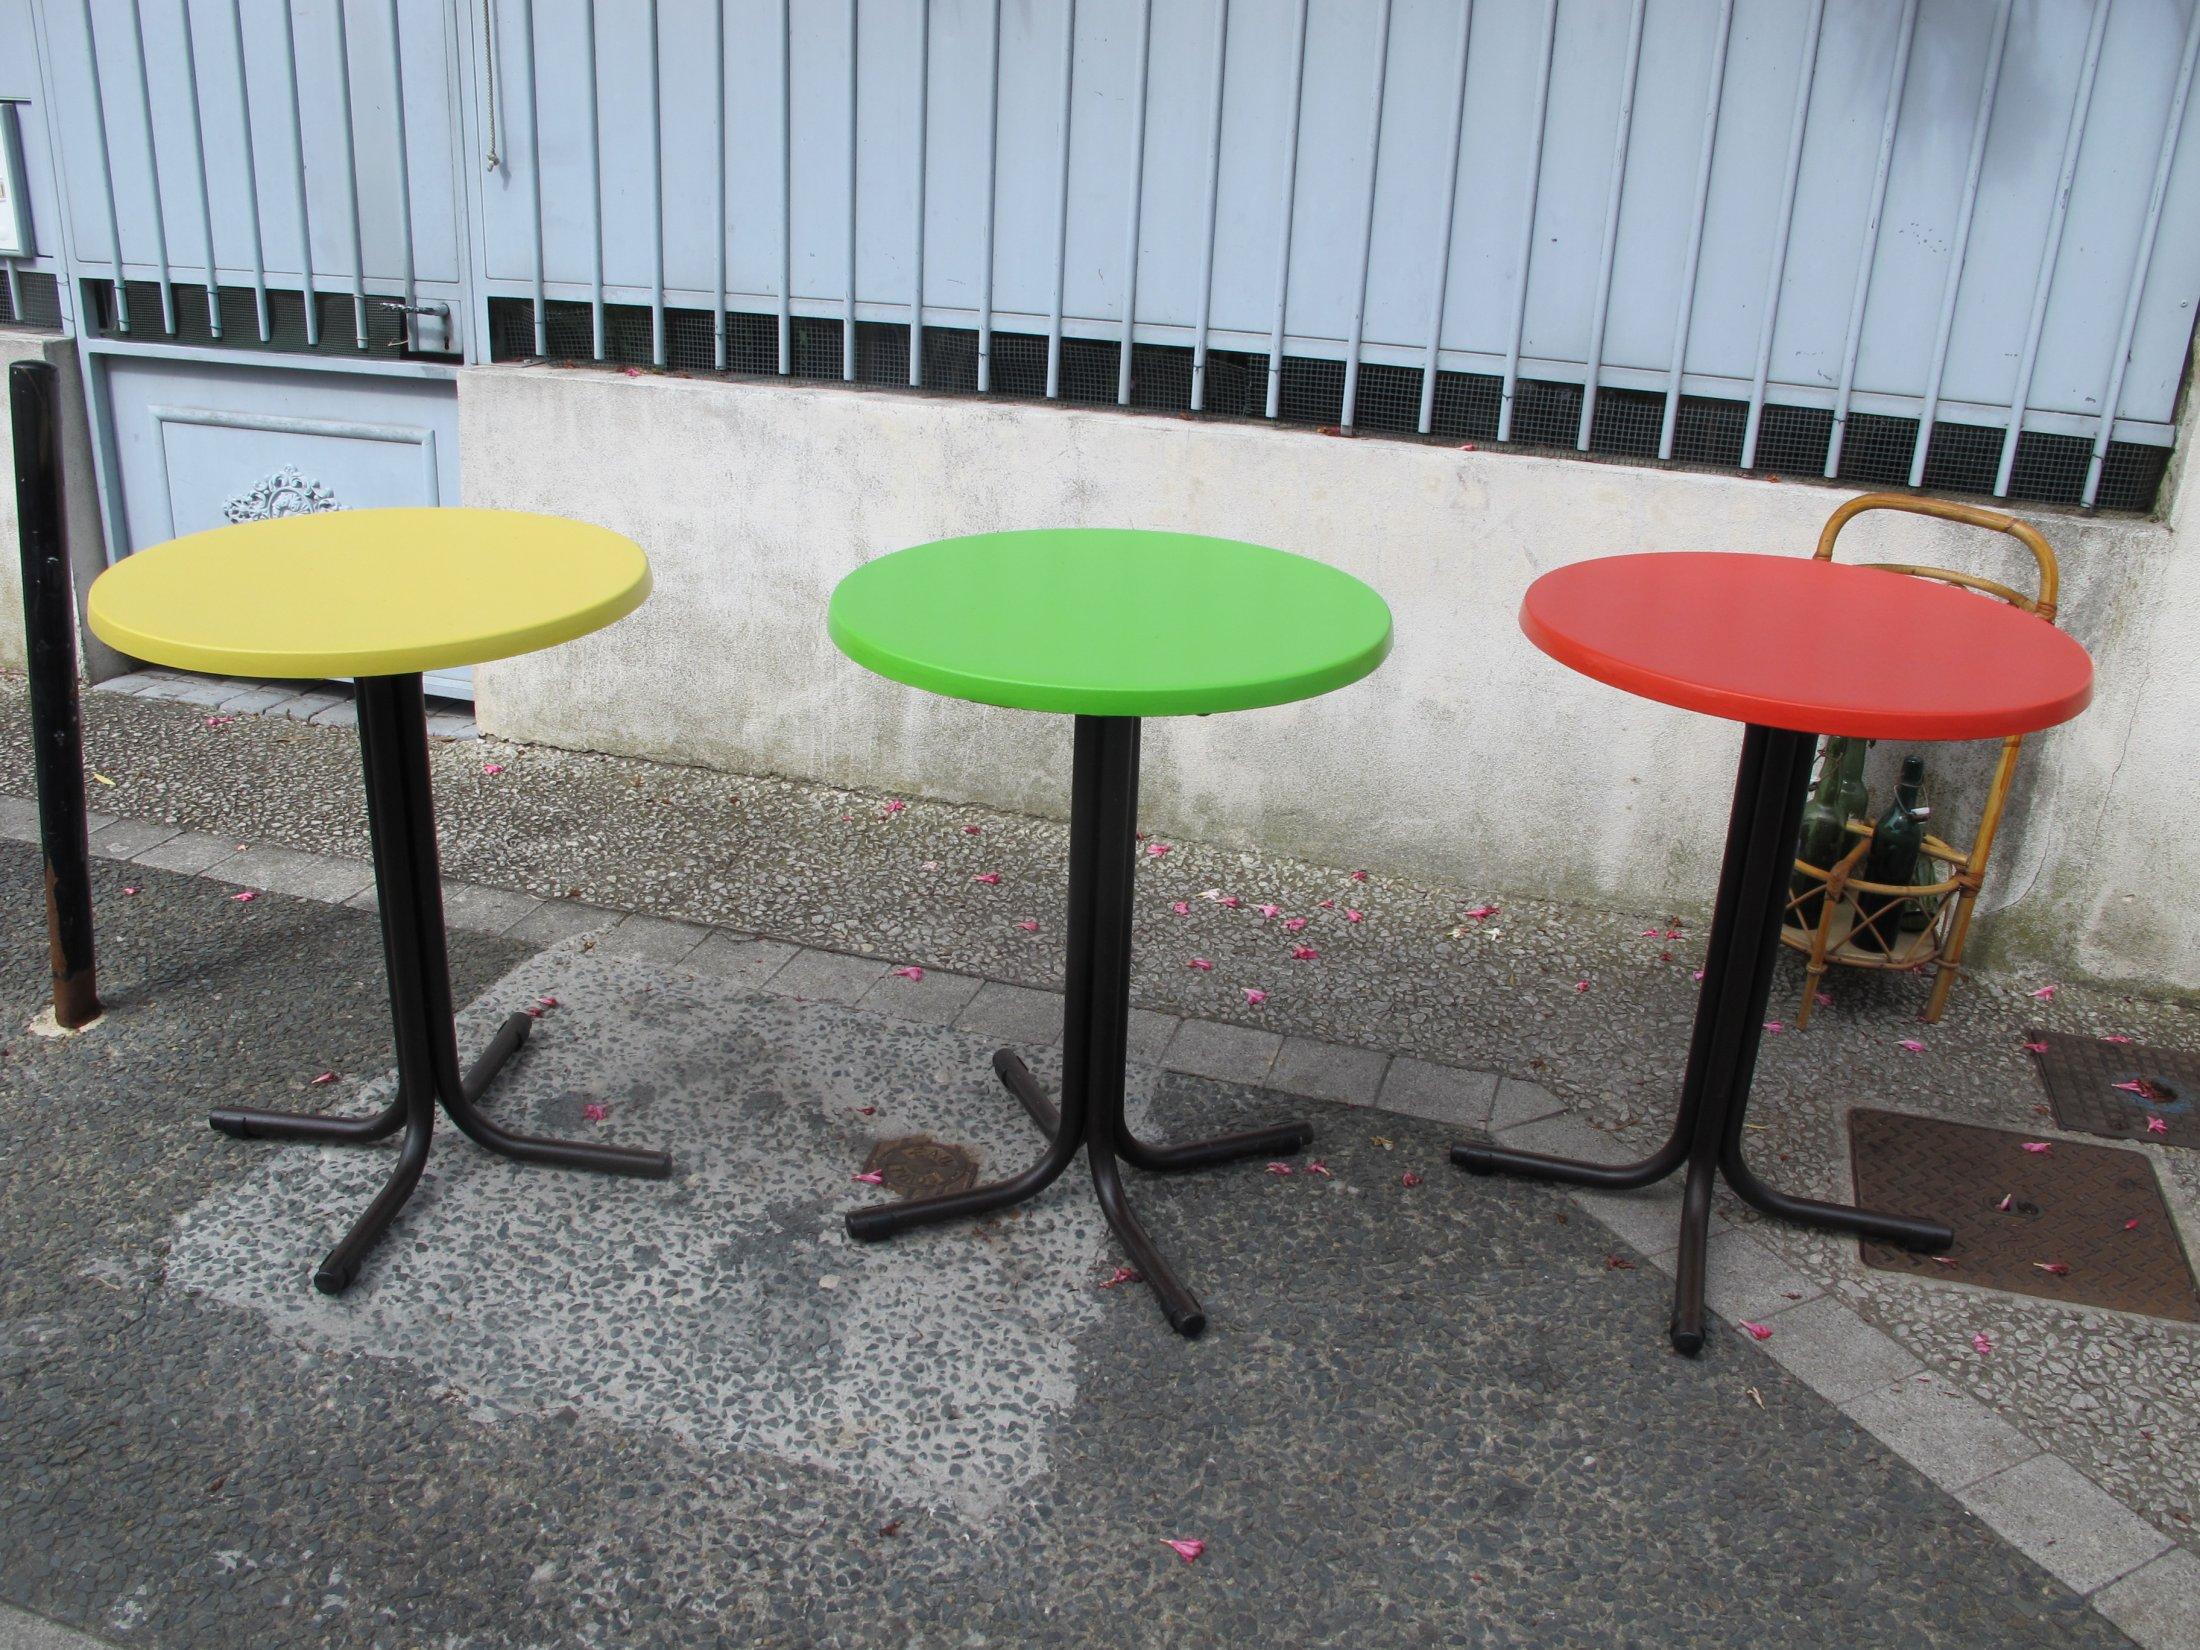 Table bistrot exterieur table bistrot exterieur with table bistrot exterieur simple table - Table bistrot exterieur ...